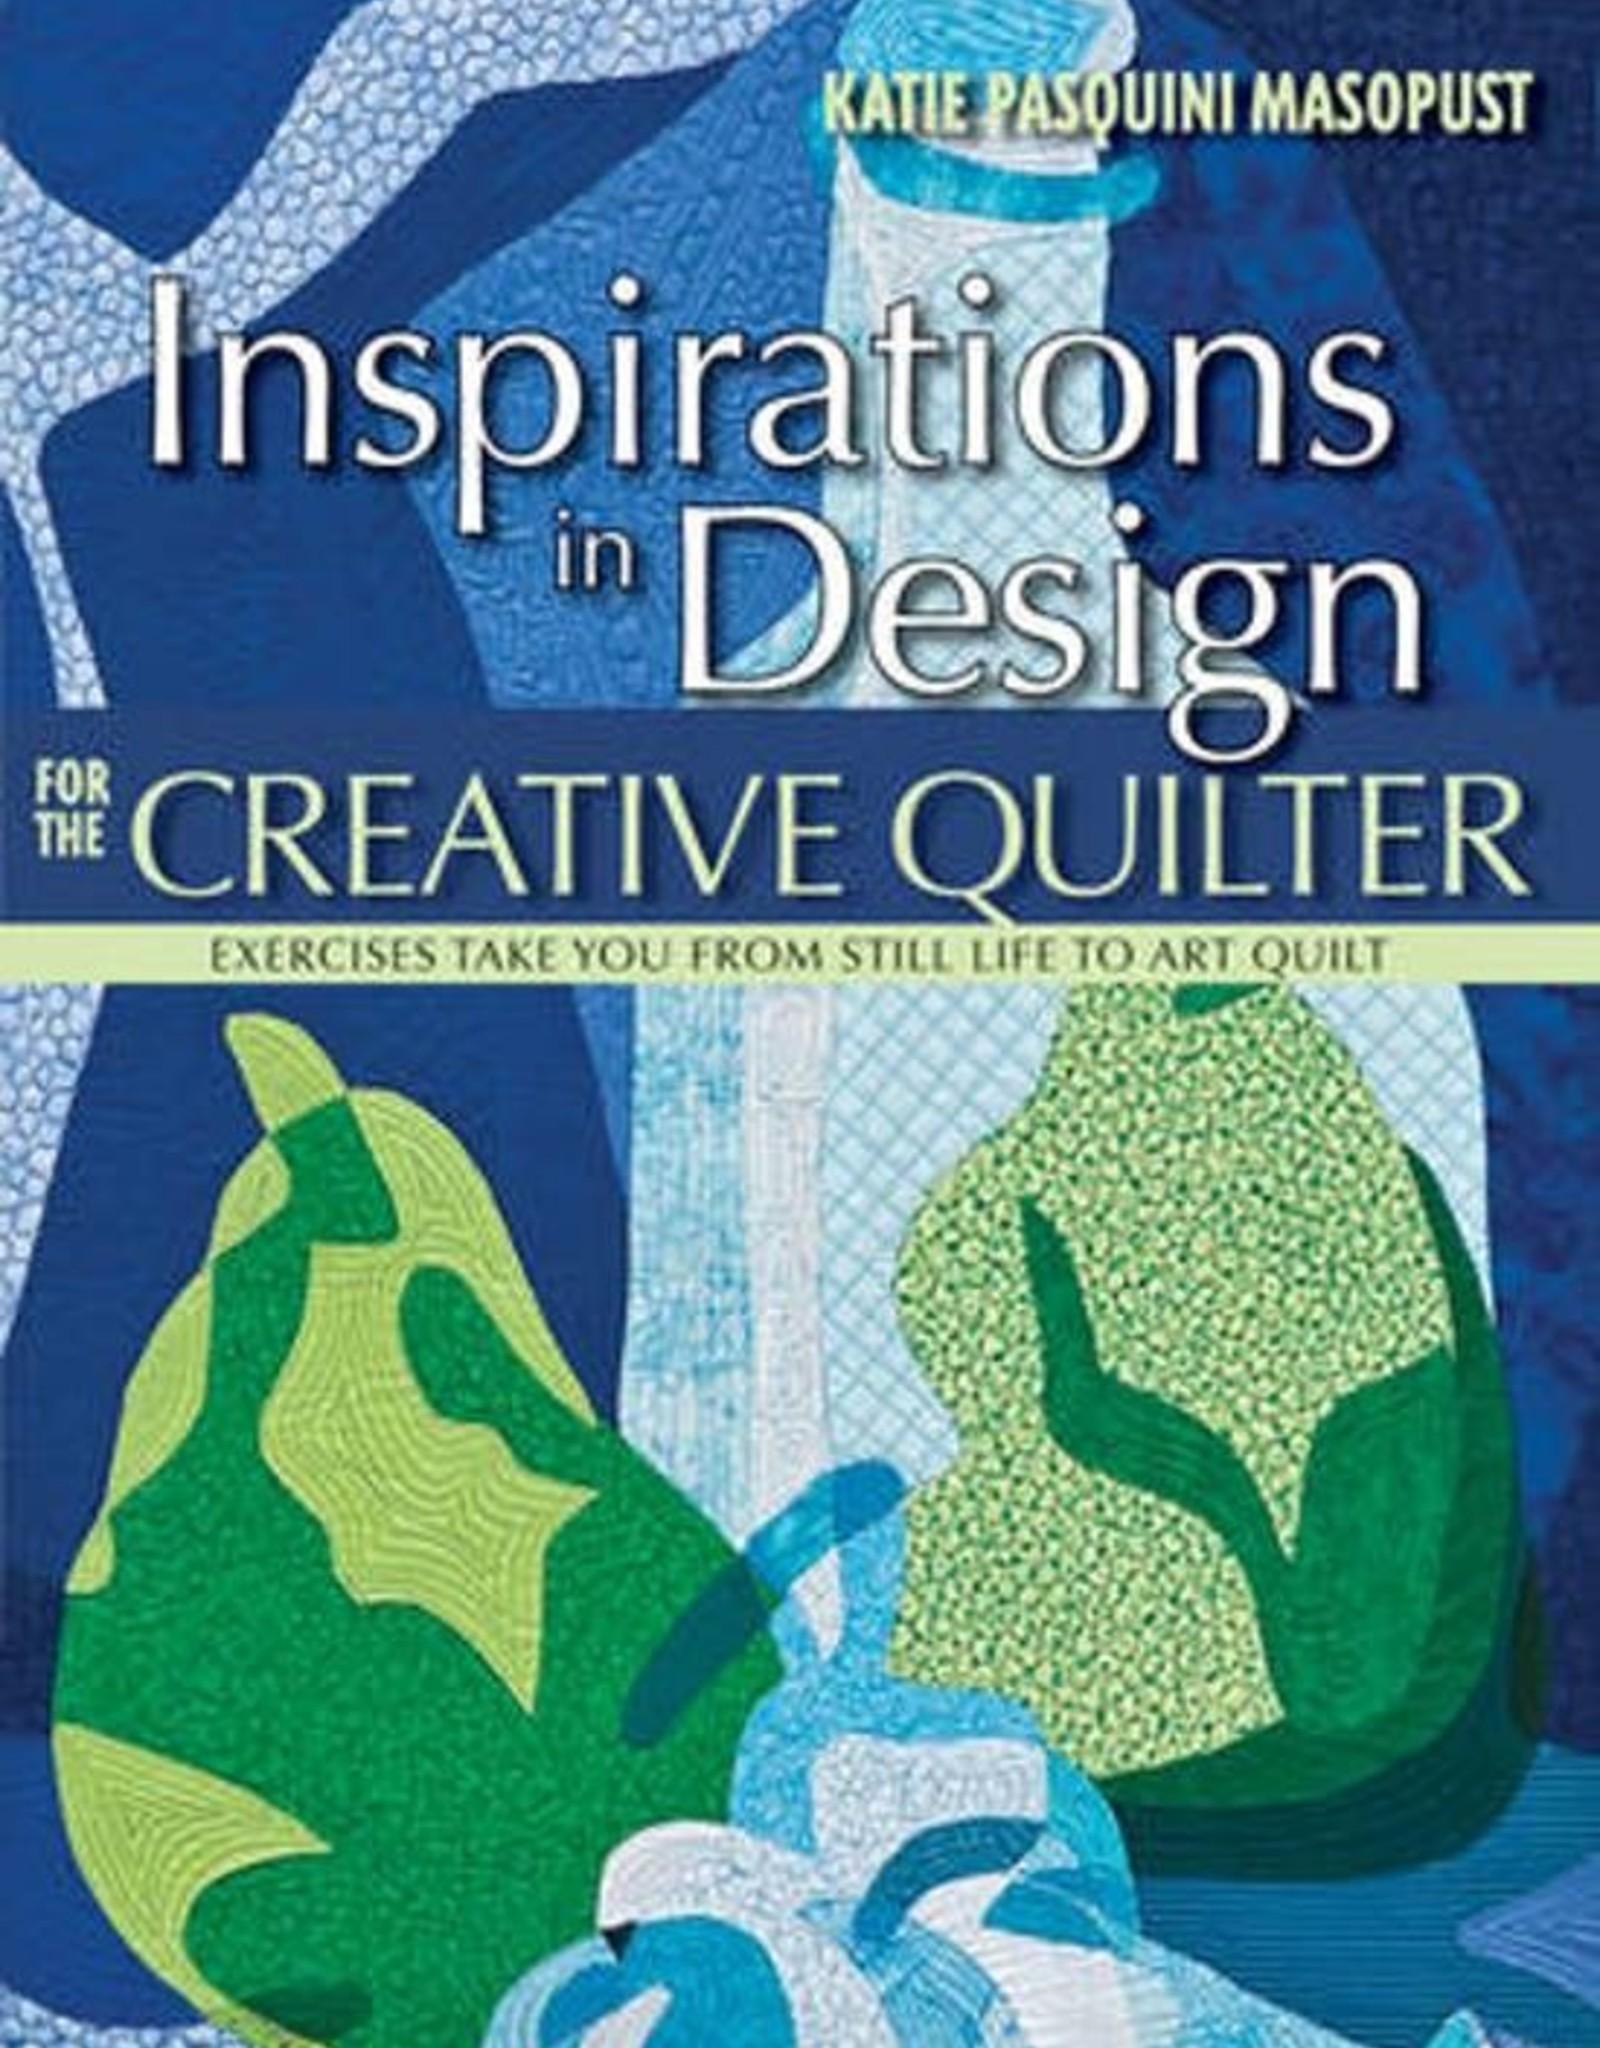 Inspirations in Design / Katie Pasquini Masopust